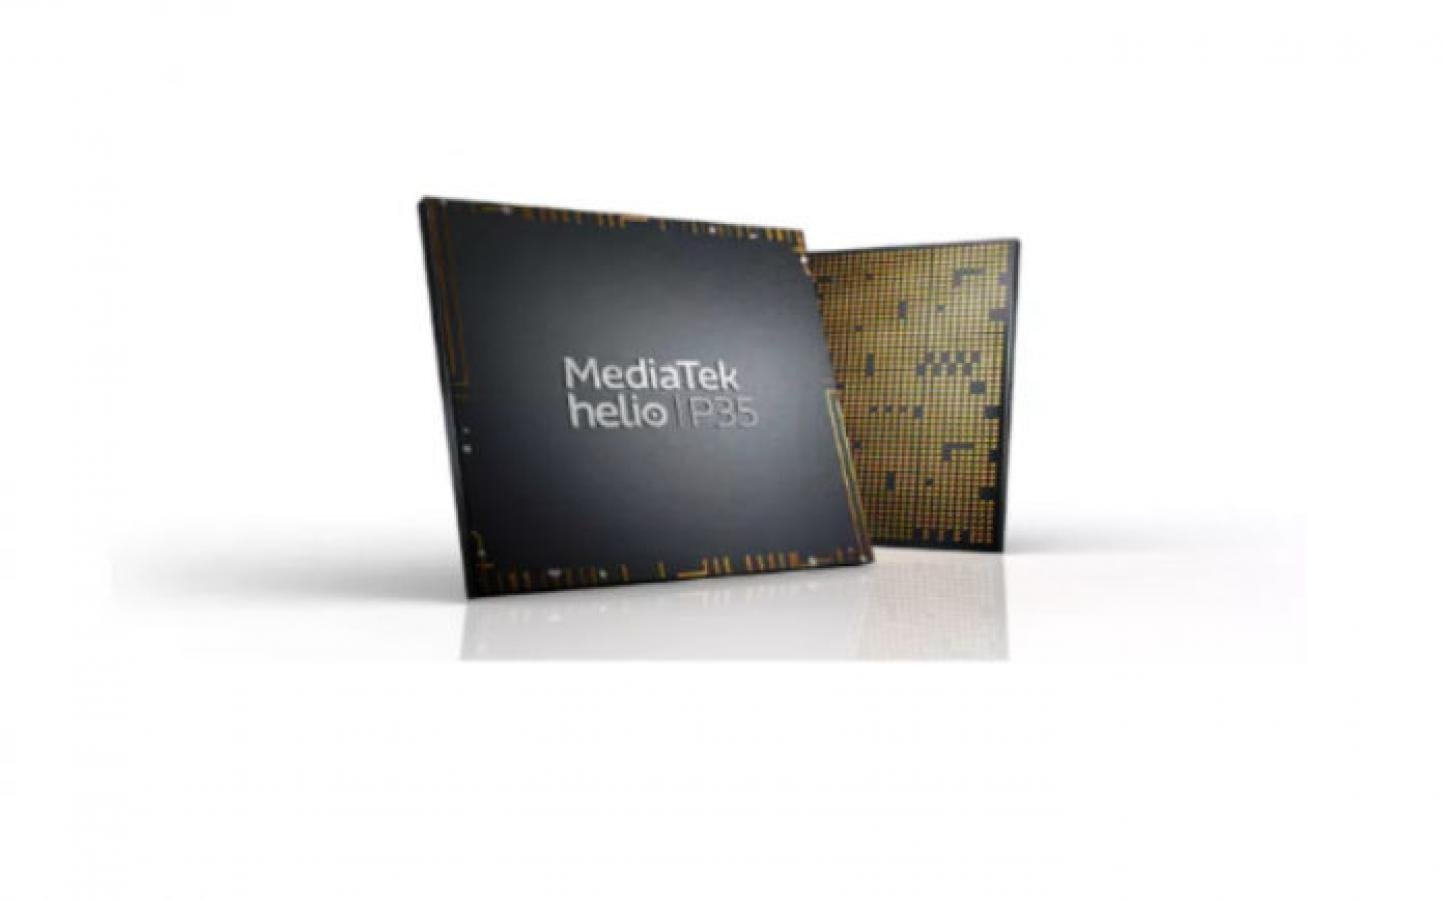 MediaTek Helio P35 : बजट स्मार्टफोन को देगा प्रीमियम कैमरा क्वालिटी, जानिए खासियत